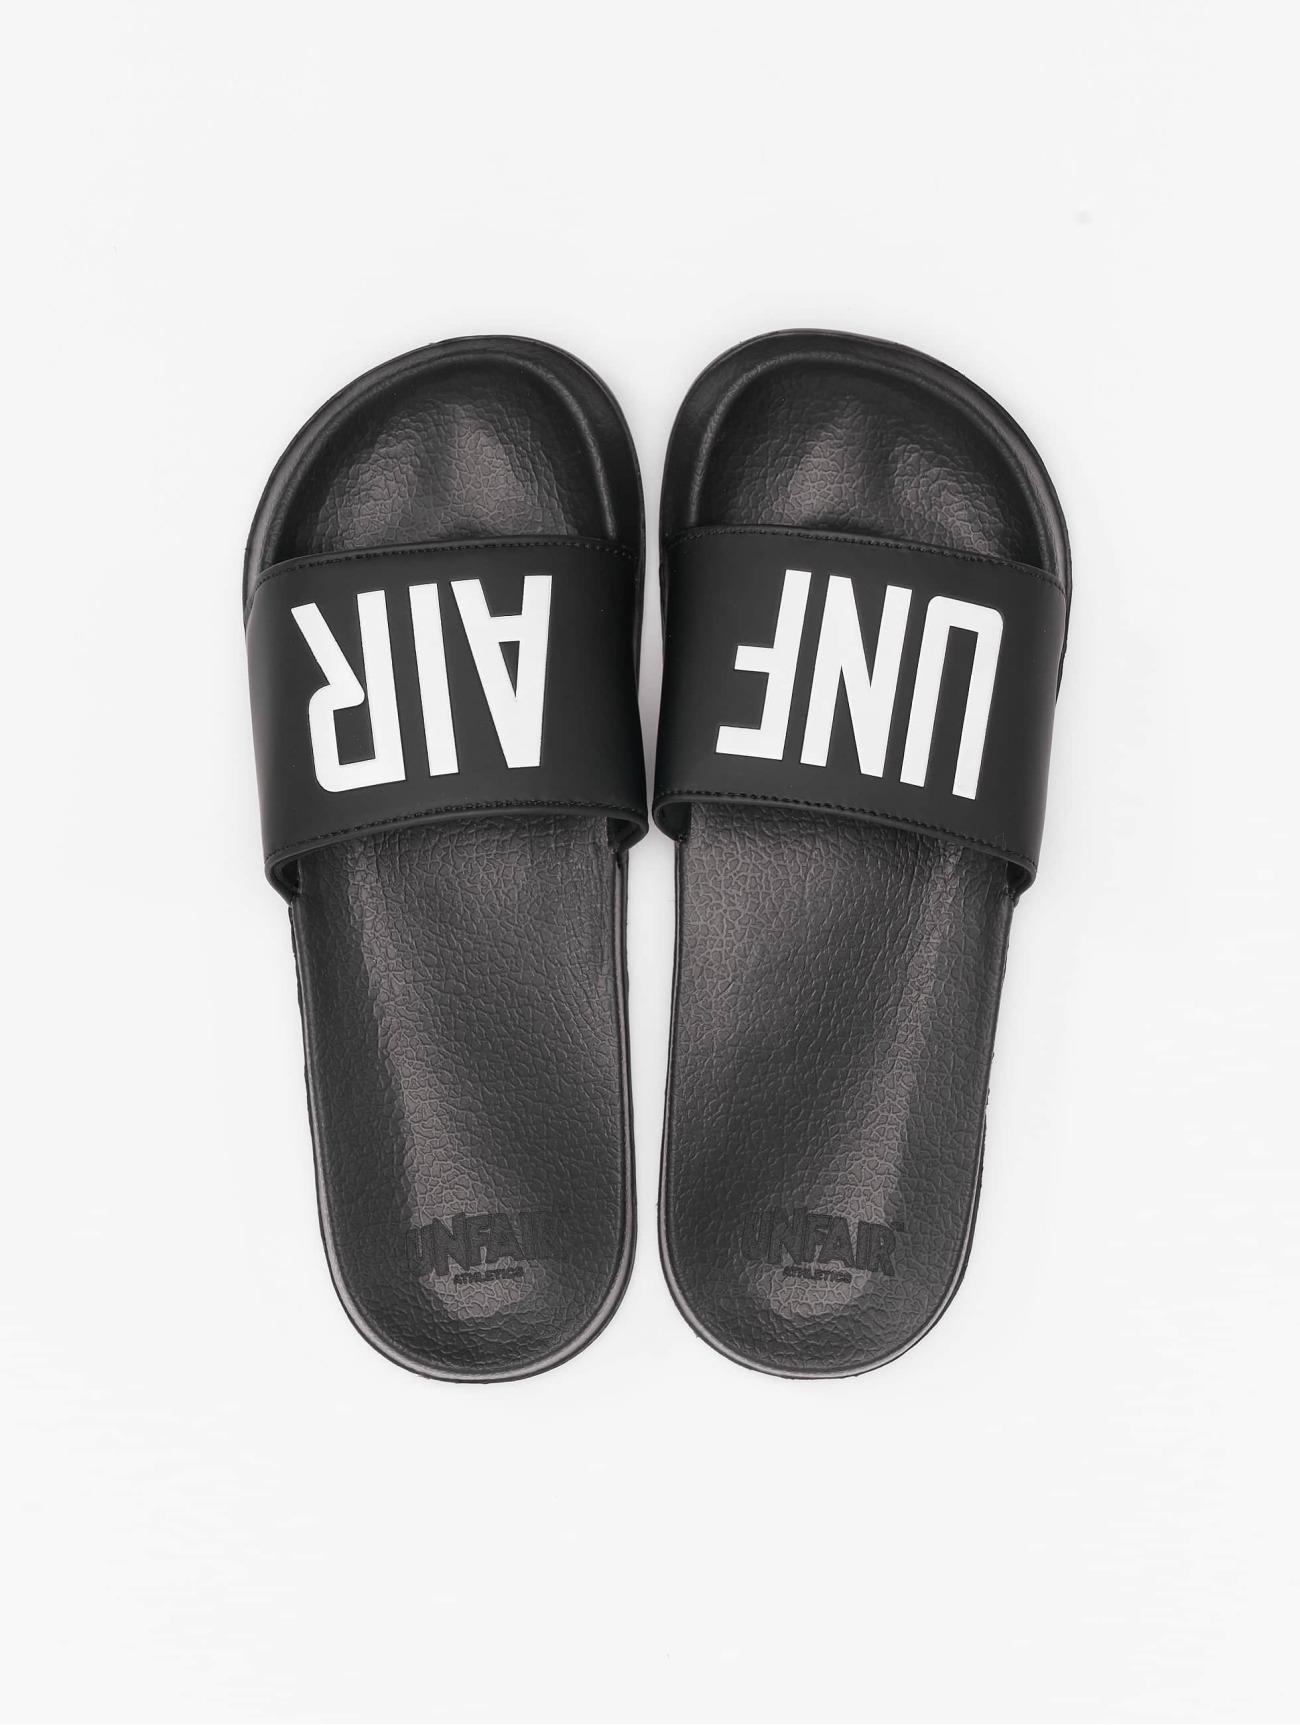 UNFAIR ATHLETICS Unfair noir Homme Claquettes & Sandales 650830 Homme Chaussures